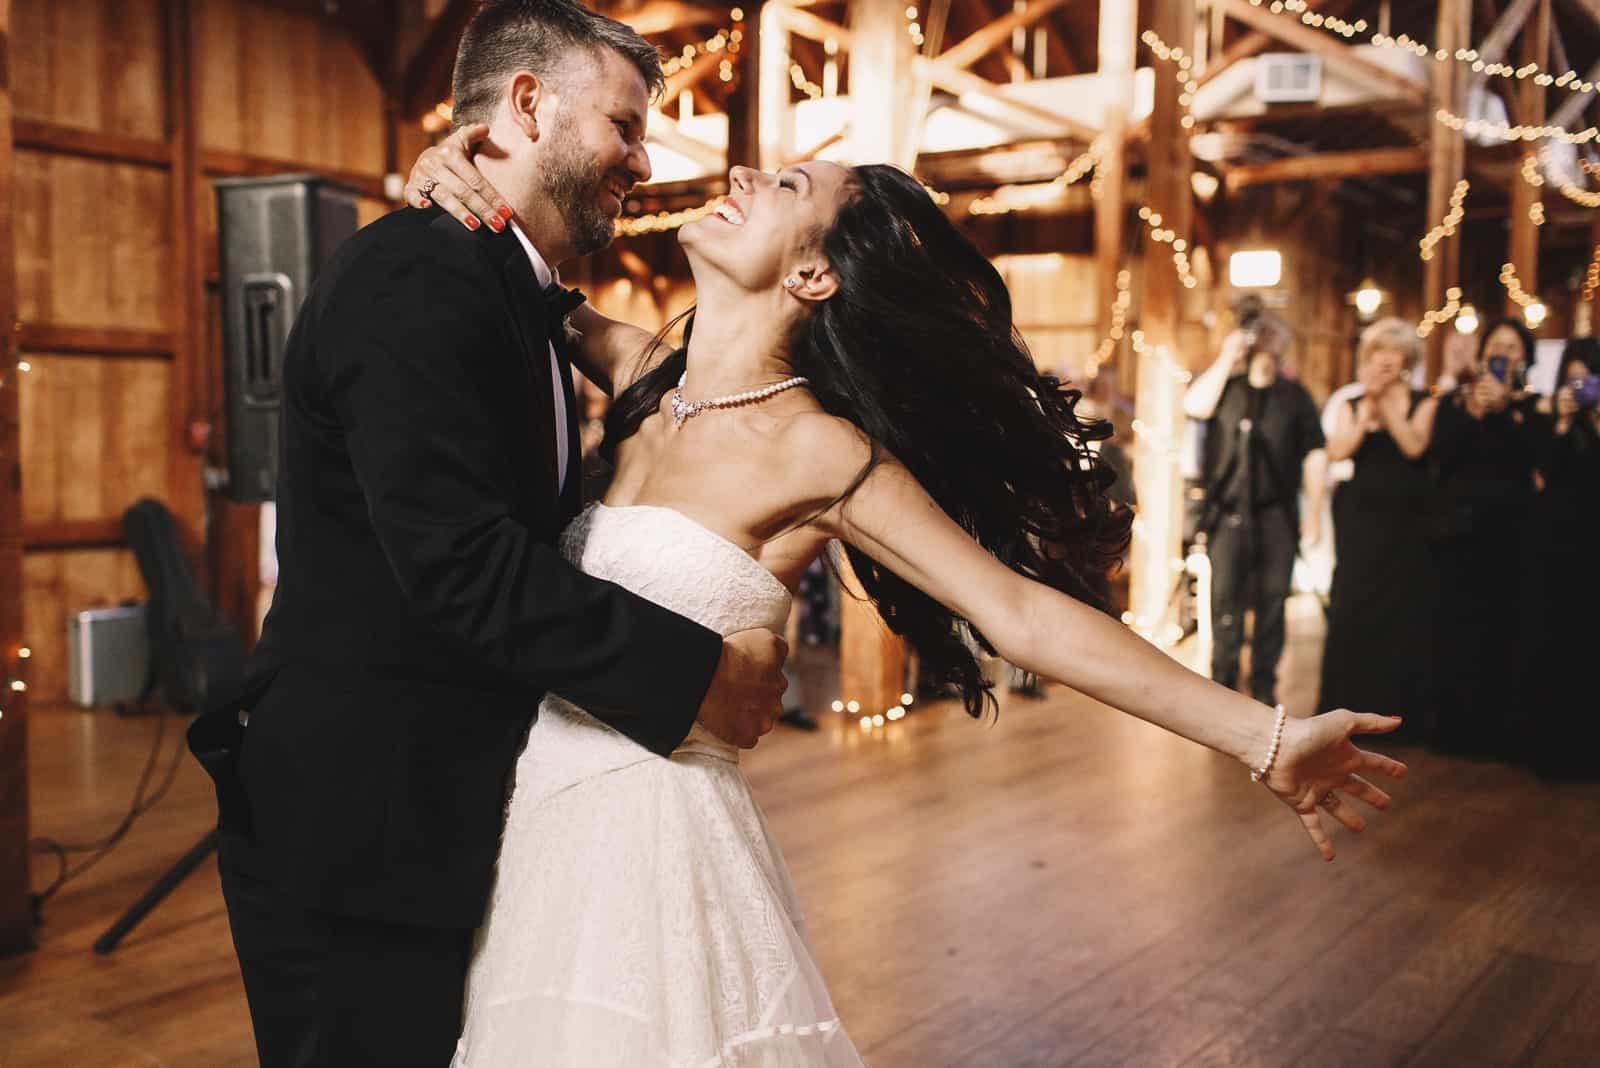 Die Braut schüttelt ihr dunkles Haar, während sie mit einem Bräutigam in einer Holzhalle tanzt